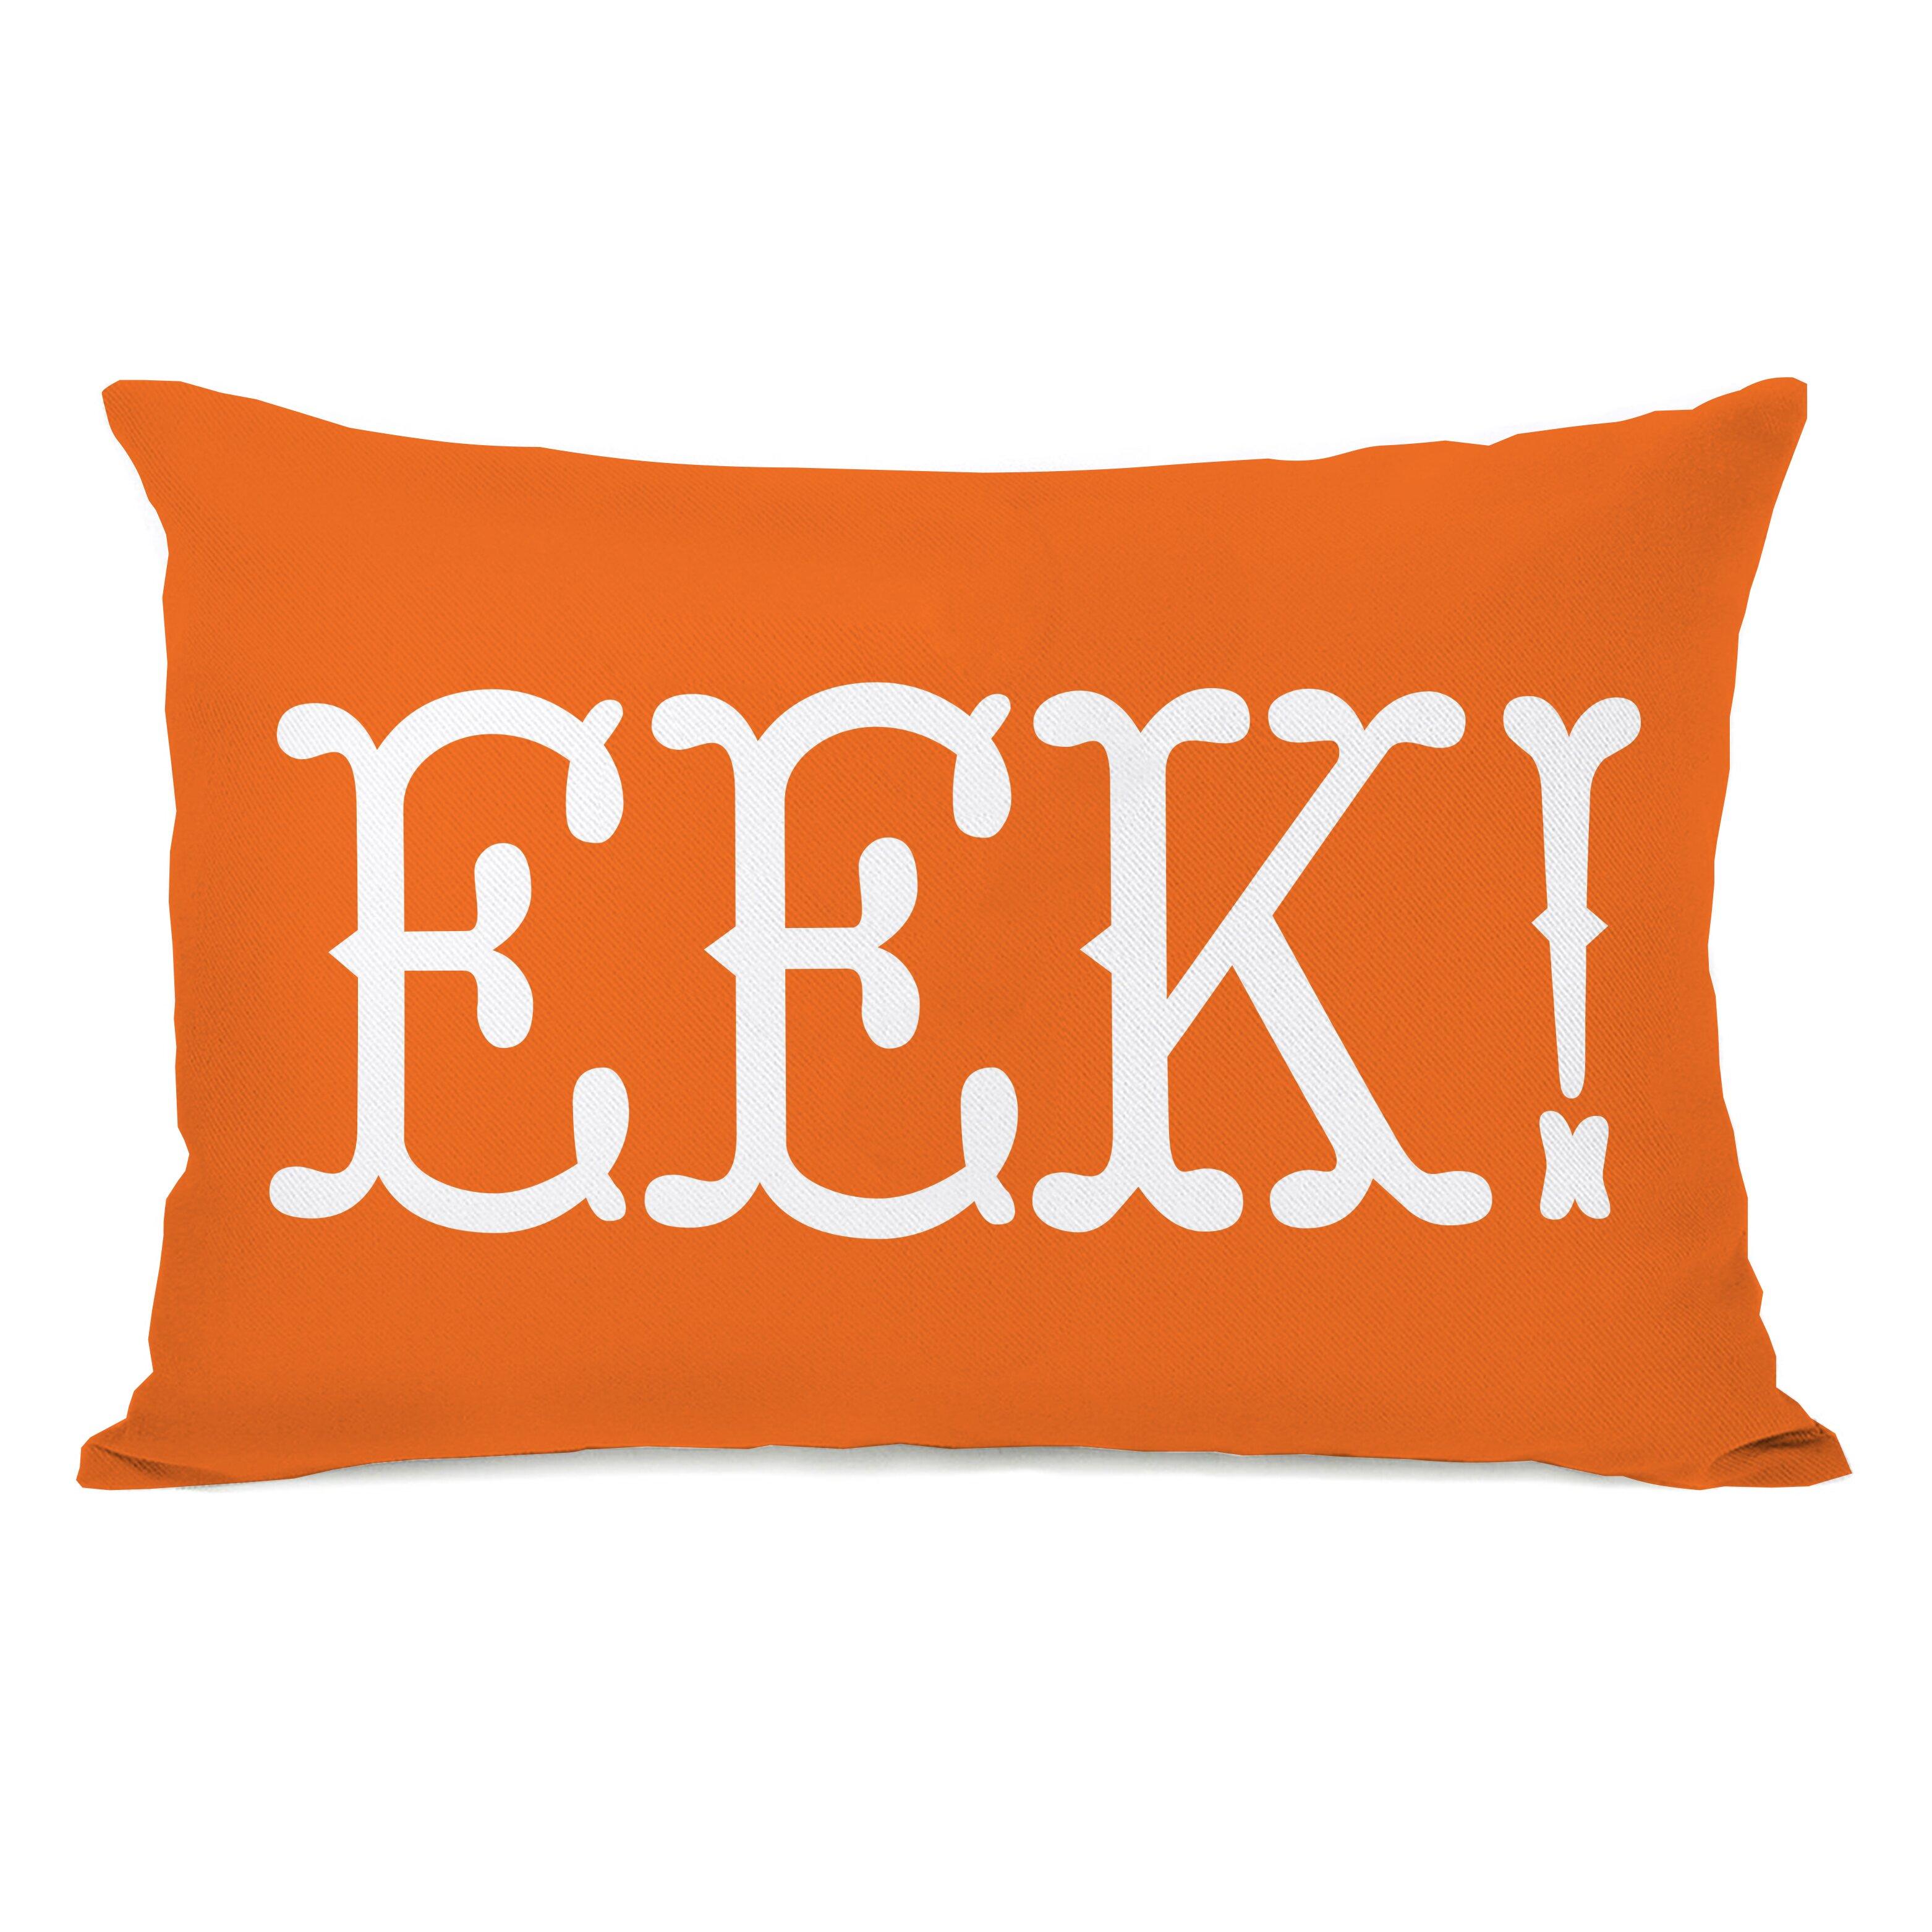 EEK Text Lumbar Pillow Wayfair